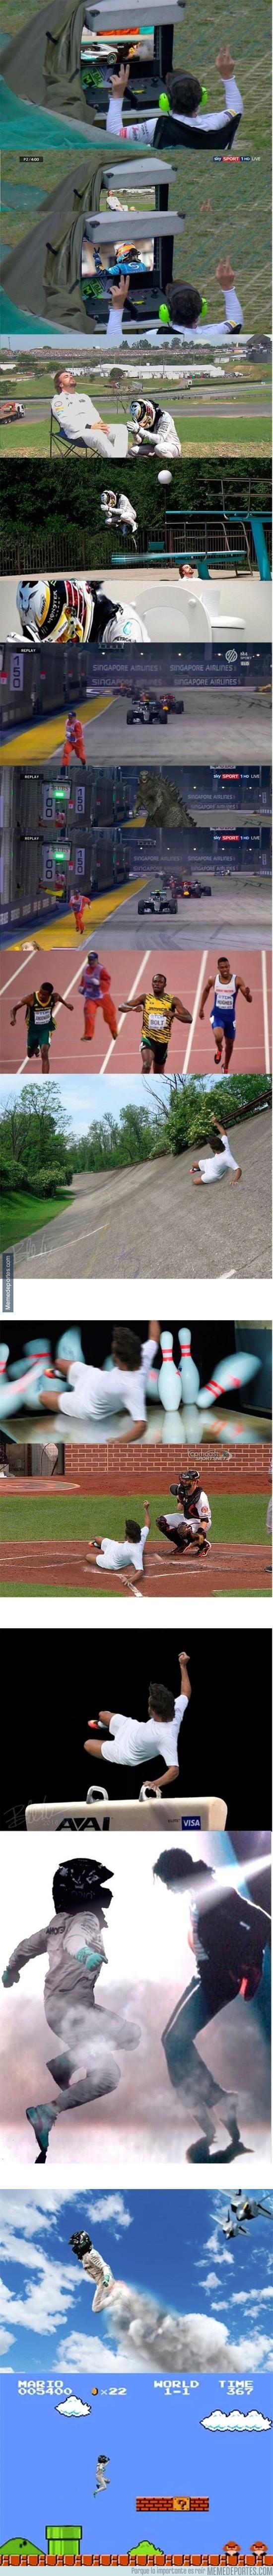 935827 - Un repaso a algunos memes que nos ha dado la Fórmula 1 en 2016